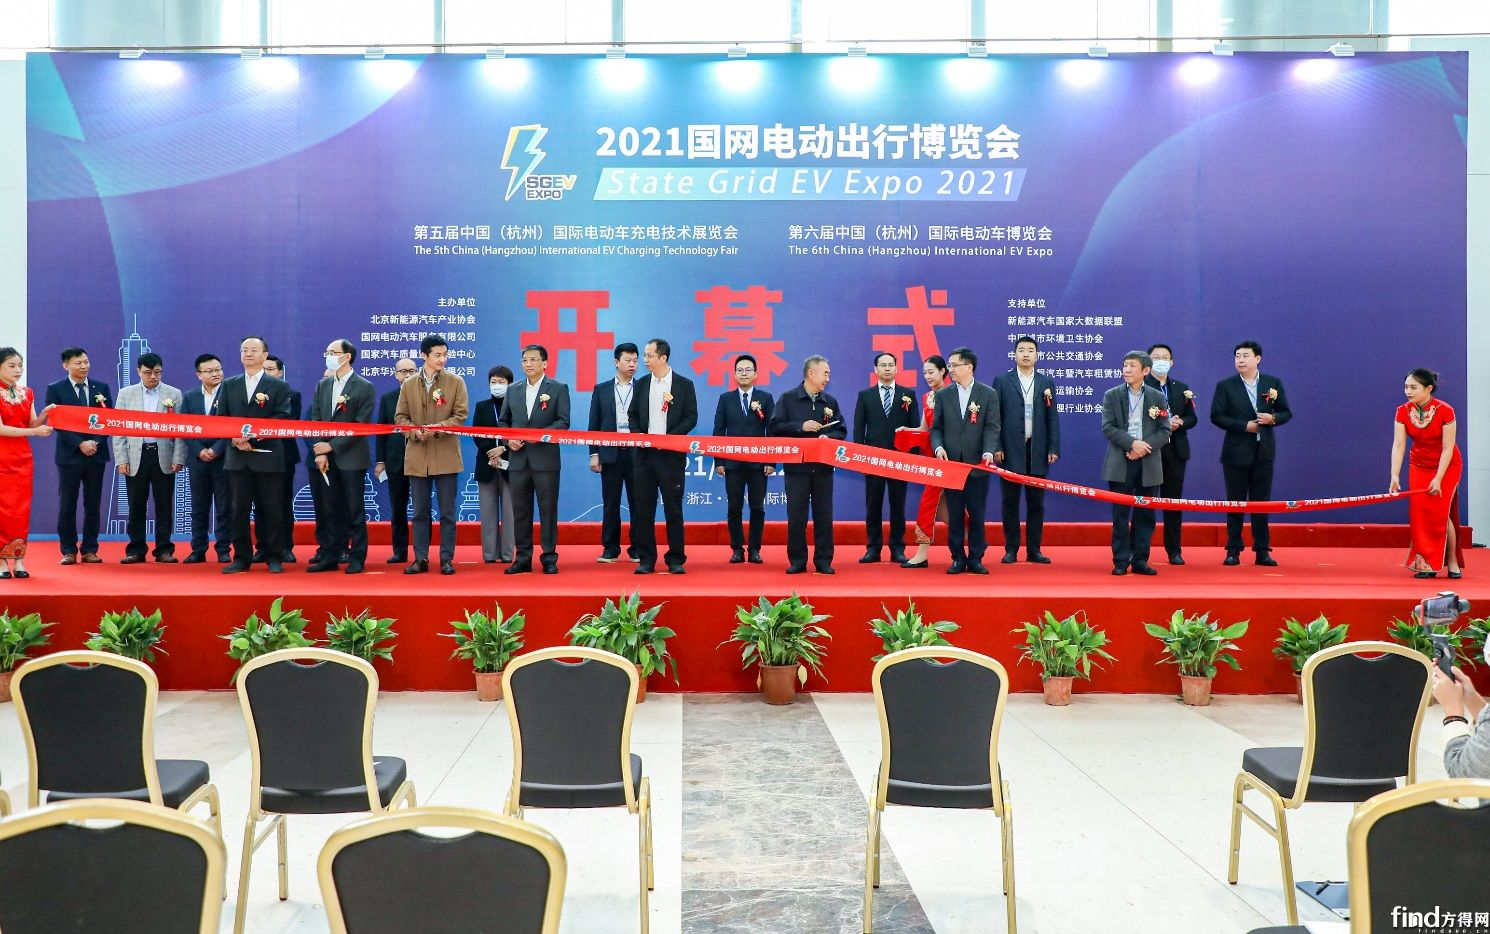 现场签单150台  福田智蓝惊艳亮相第六届中国国际电动车博览会